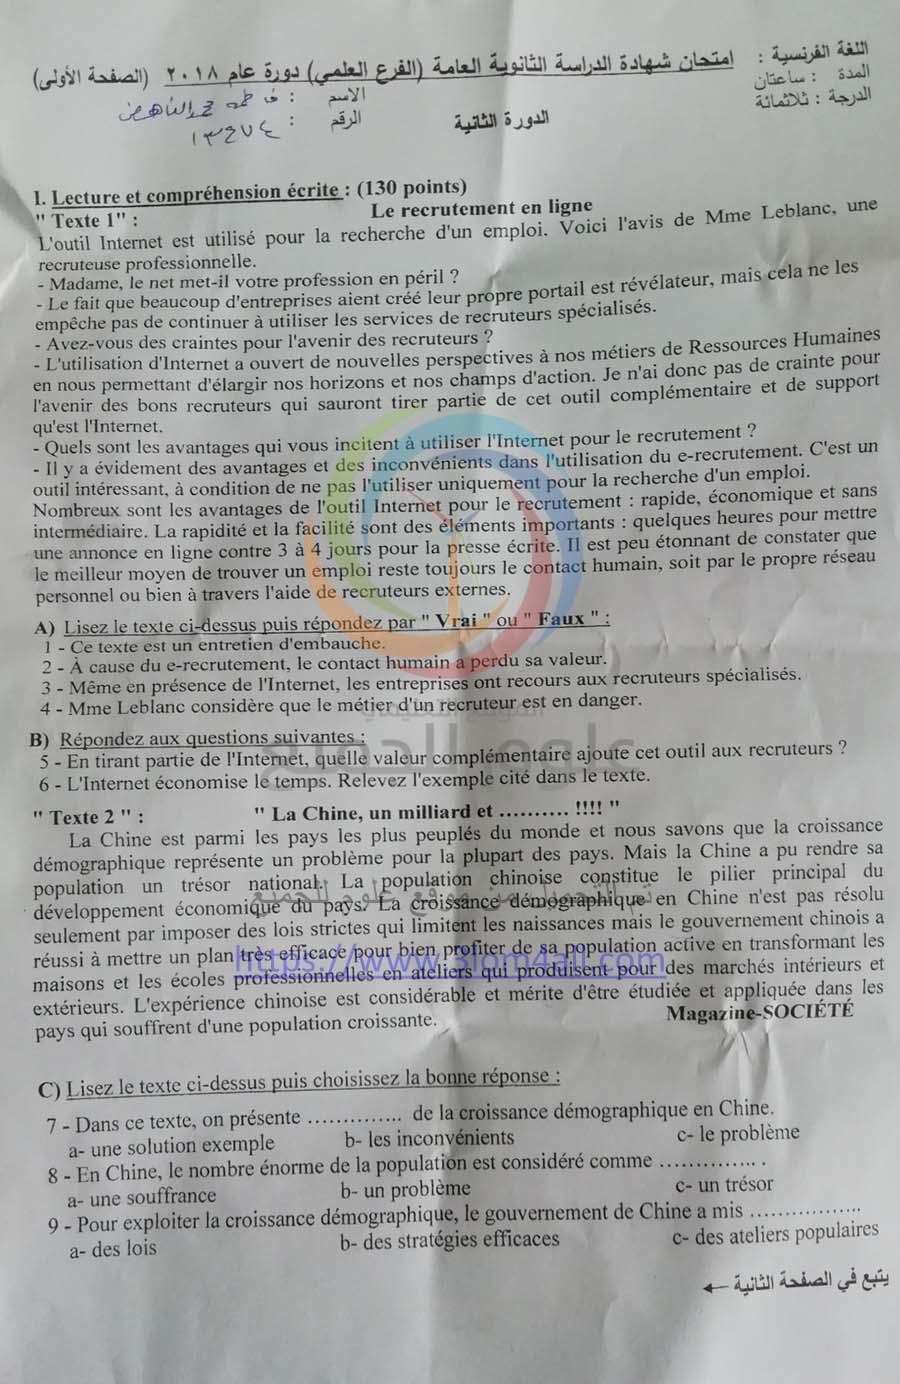 اسئلة الفرنسي تكميلي 2018 بكالوريا علمي ادبي